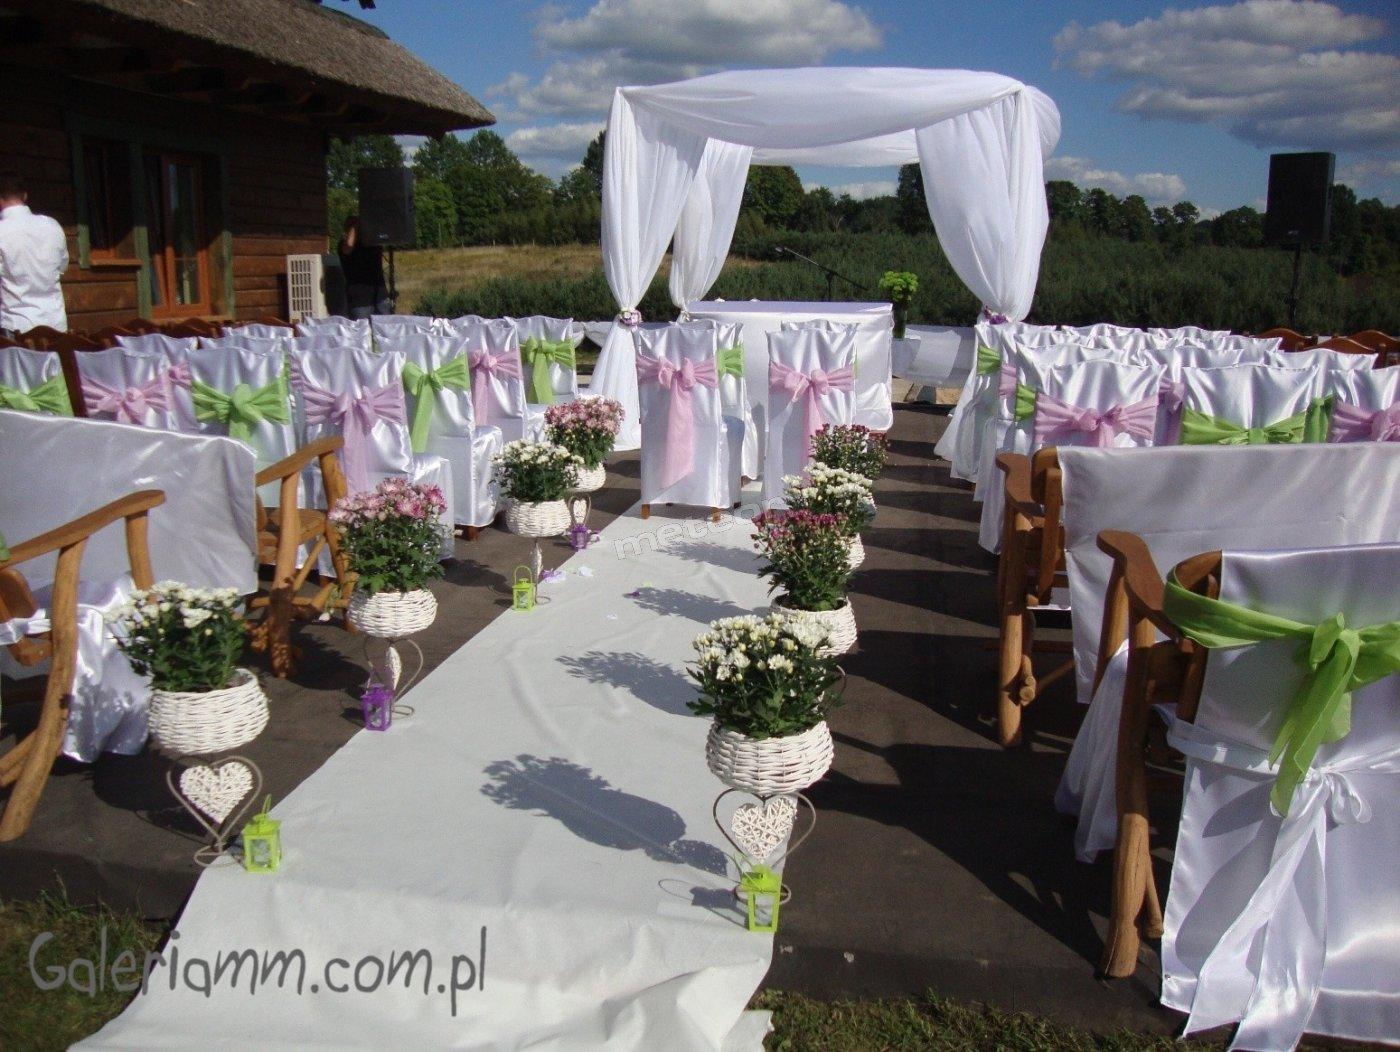 Wygłąd tarasu przygotowanego do ślubu na świeżym powietrzu.